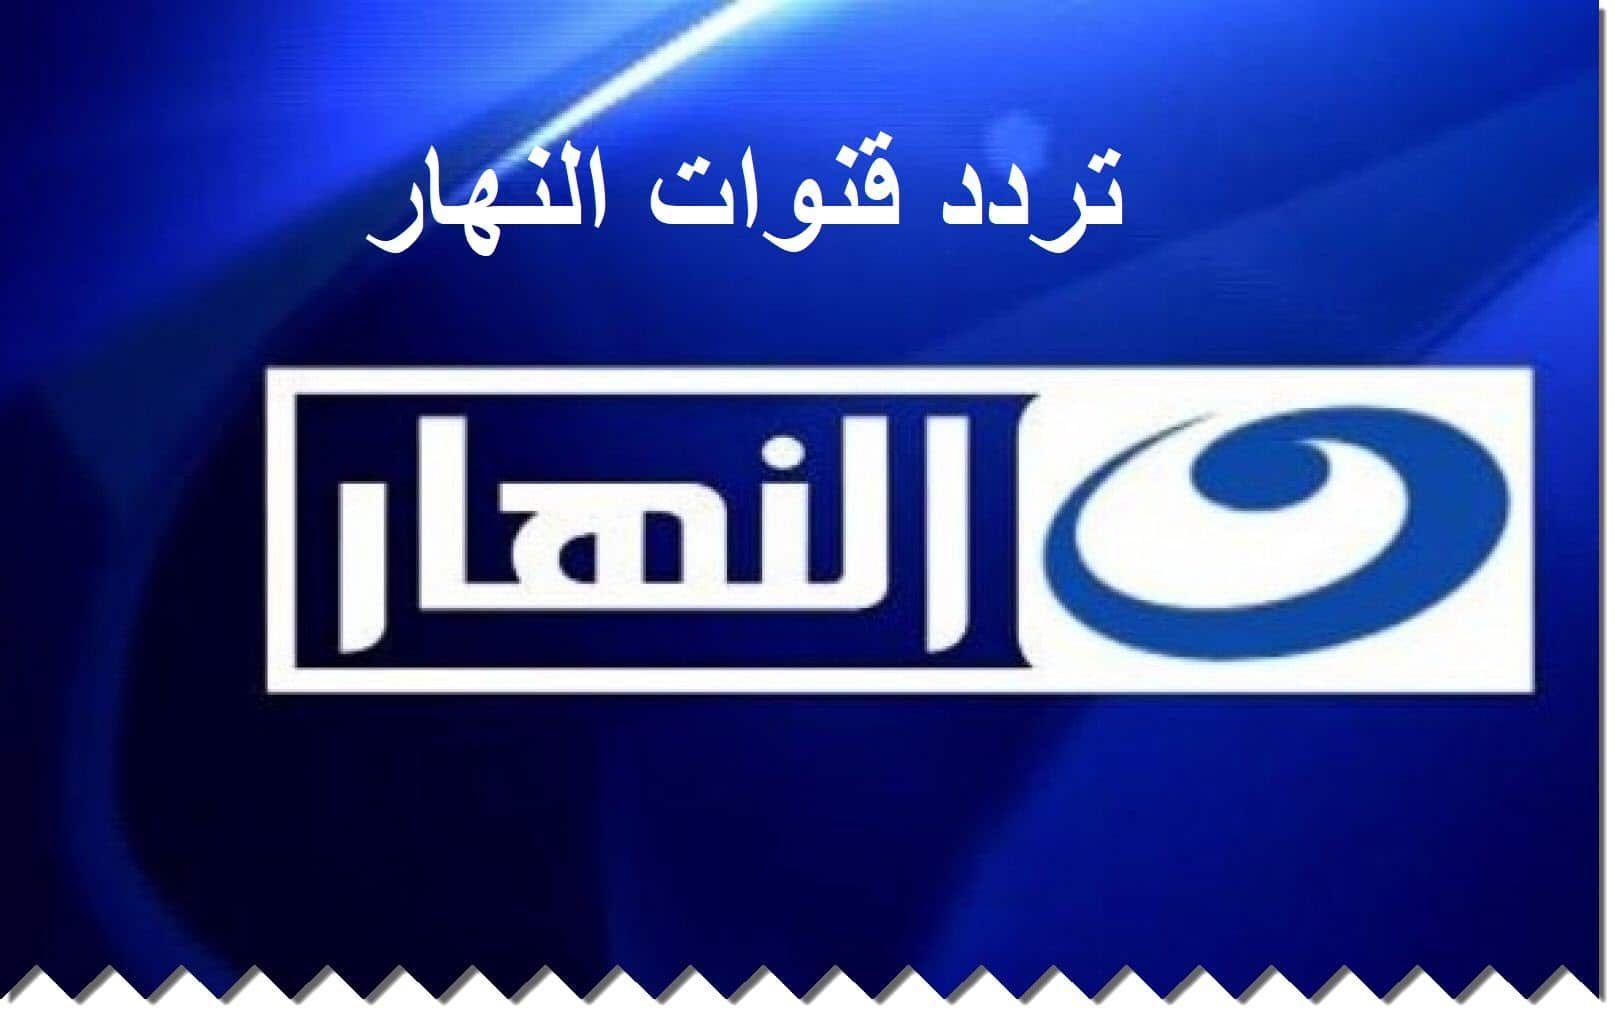 تردد قنوات النهار 2021 الجديدة Al Nahar Tv عبر الأقمار الصناعية المختلفة In 2021 Allianz Logo Logos